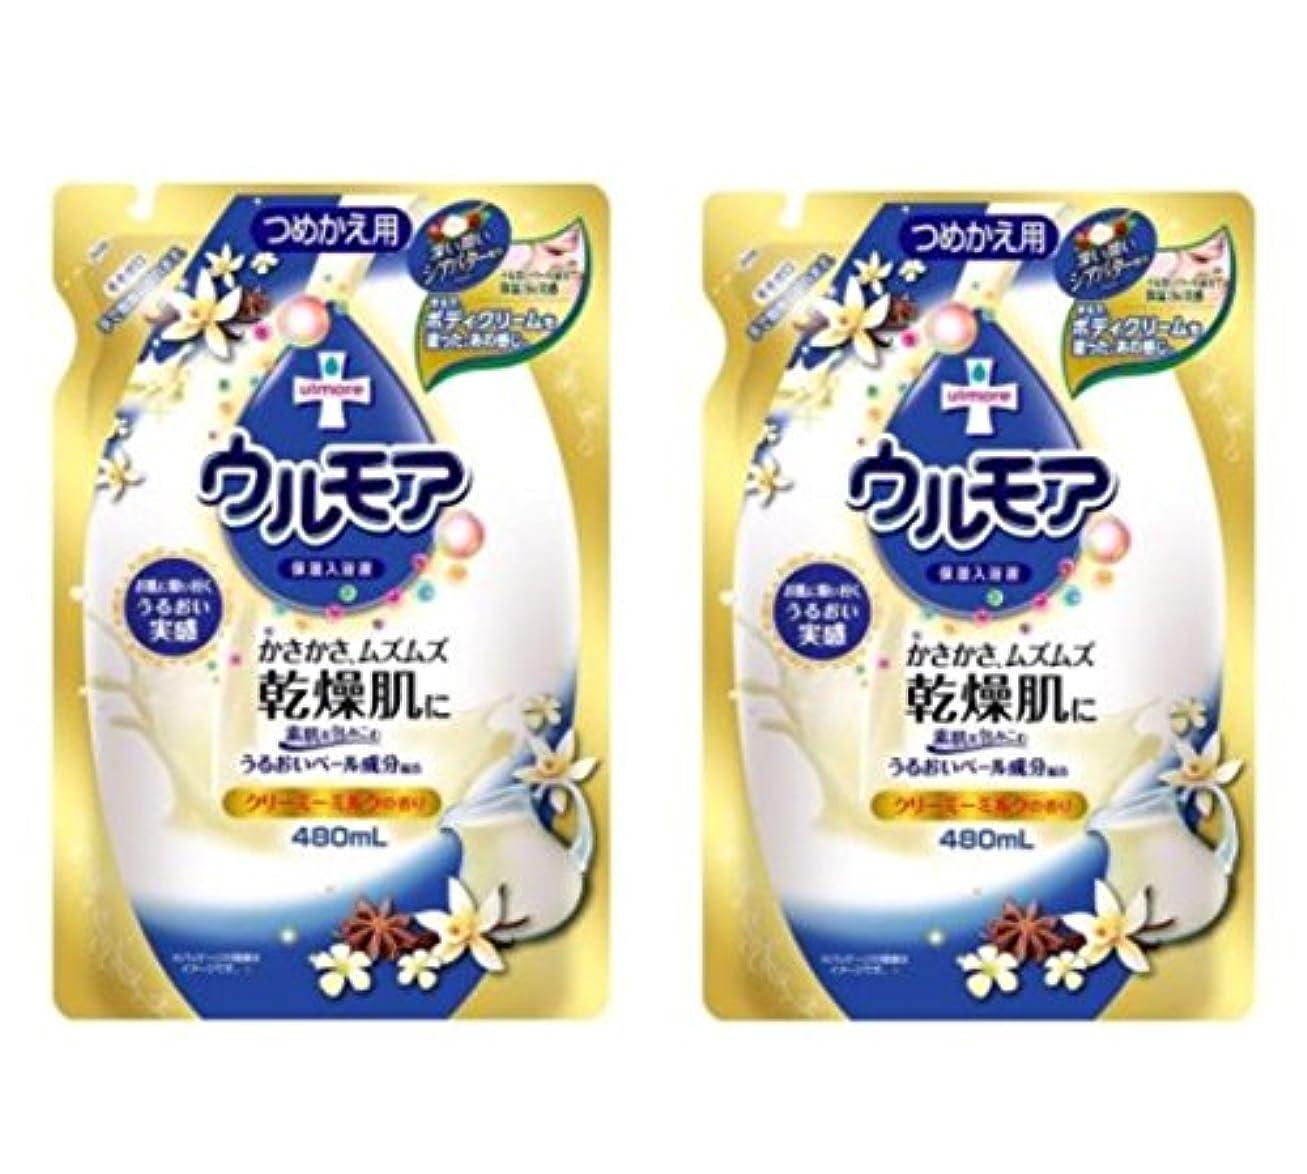 パイキャンバス準備したアース製薬 保湿入浴液 ウルモア クリーミーミルク詰替 480ml×2個セット